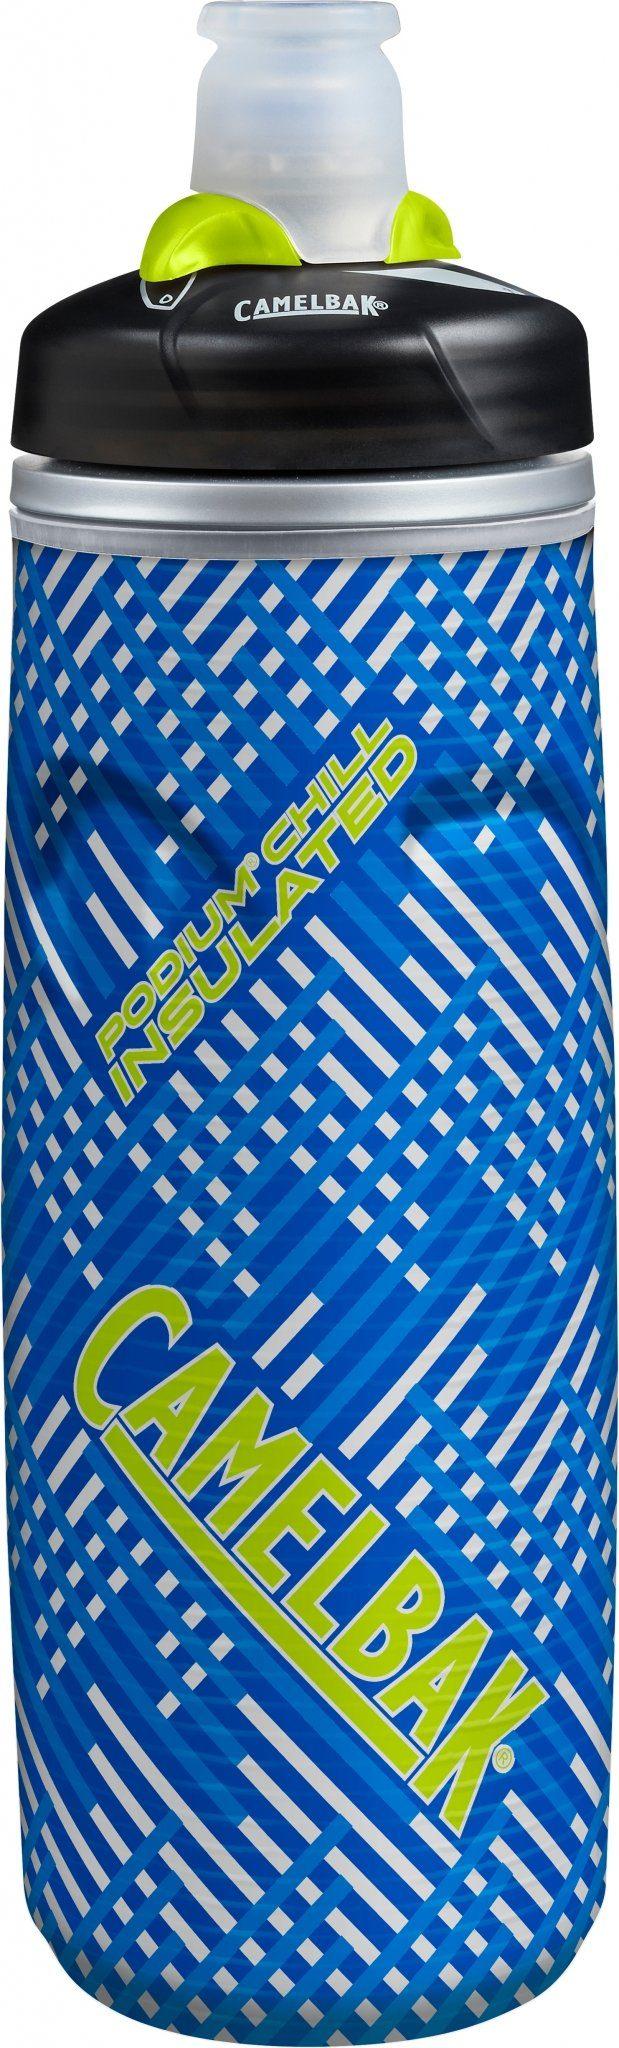 Camelbak Trinkflasche »Podium Chill Trinkflasche 620ml«